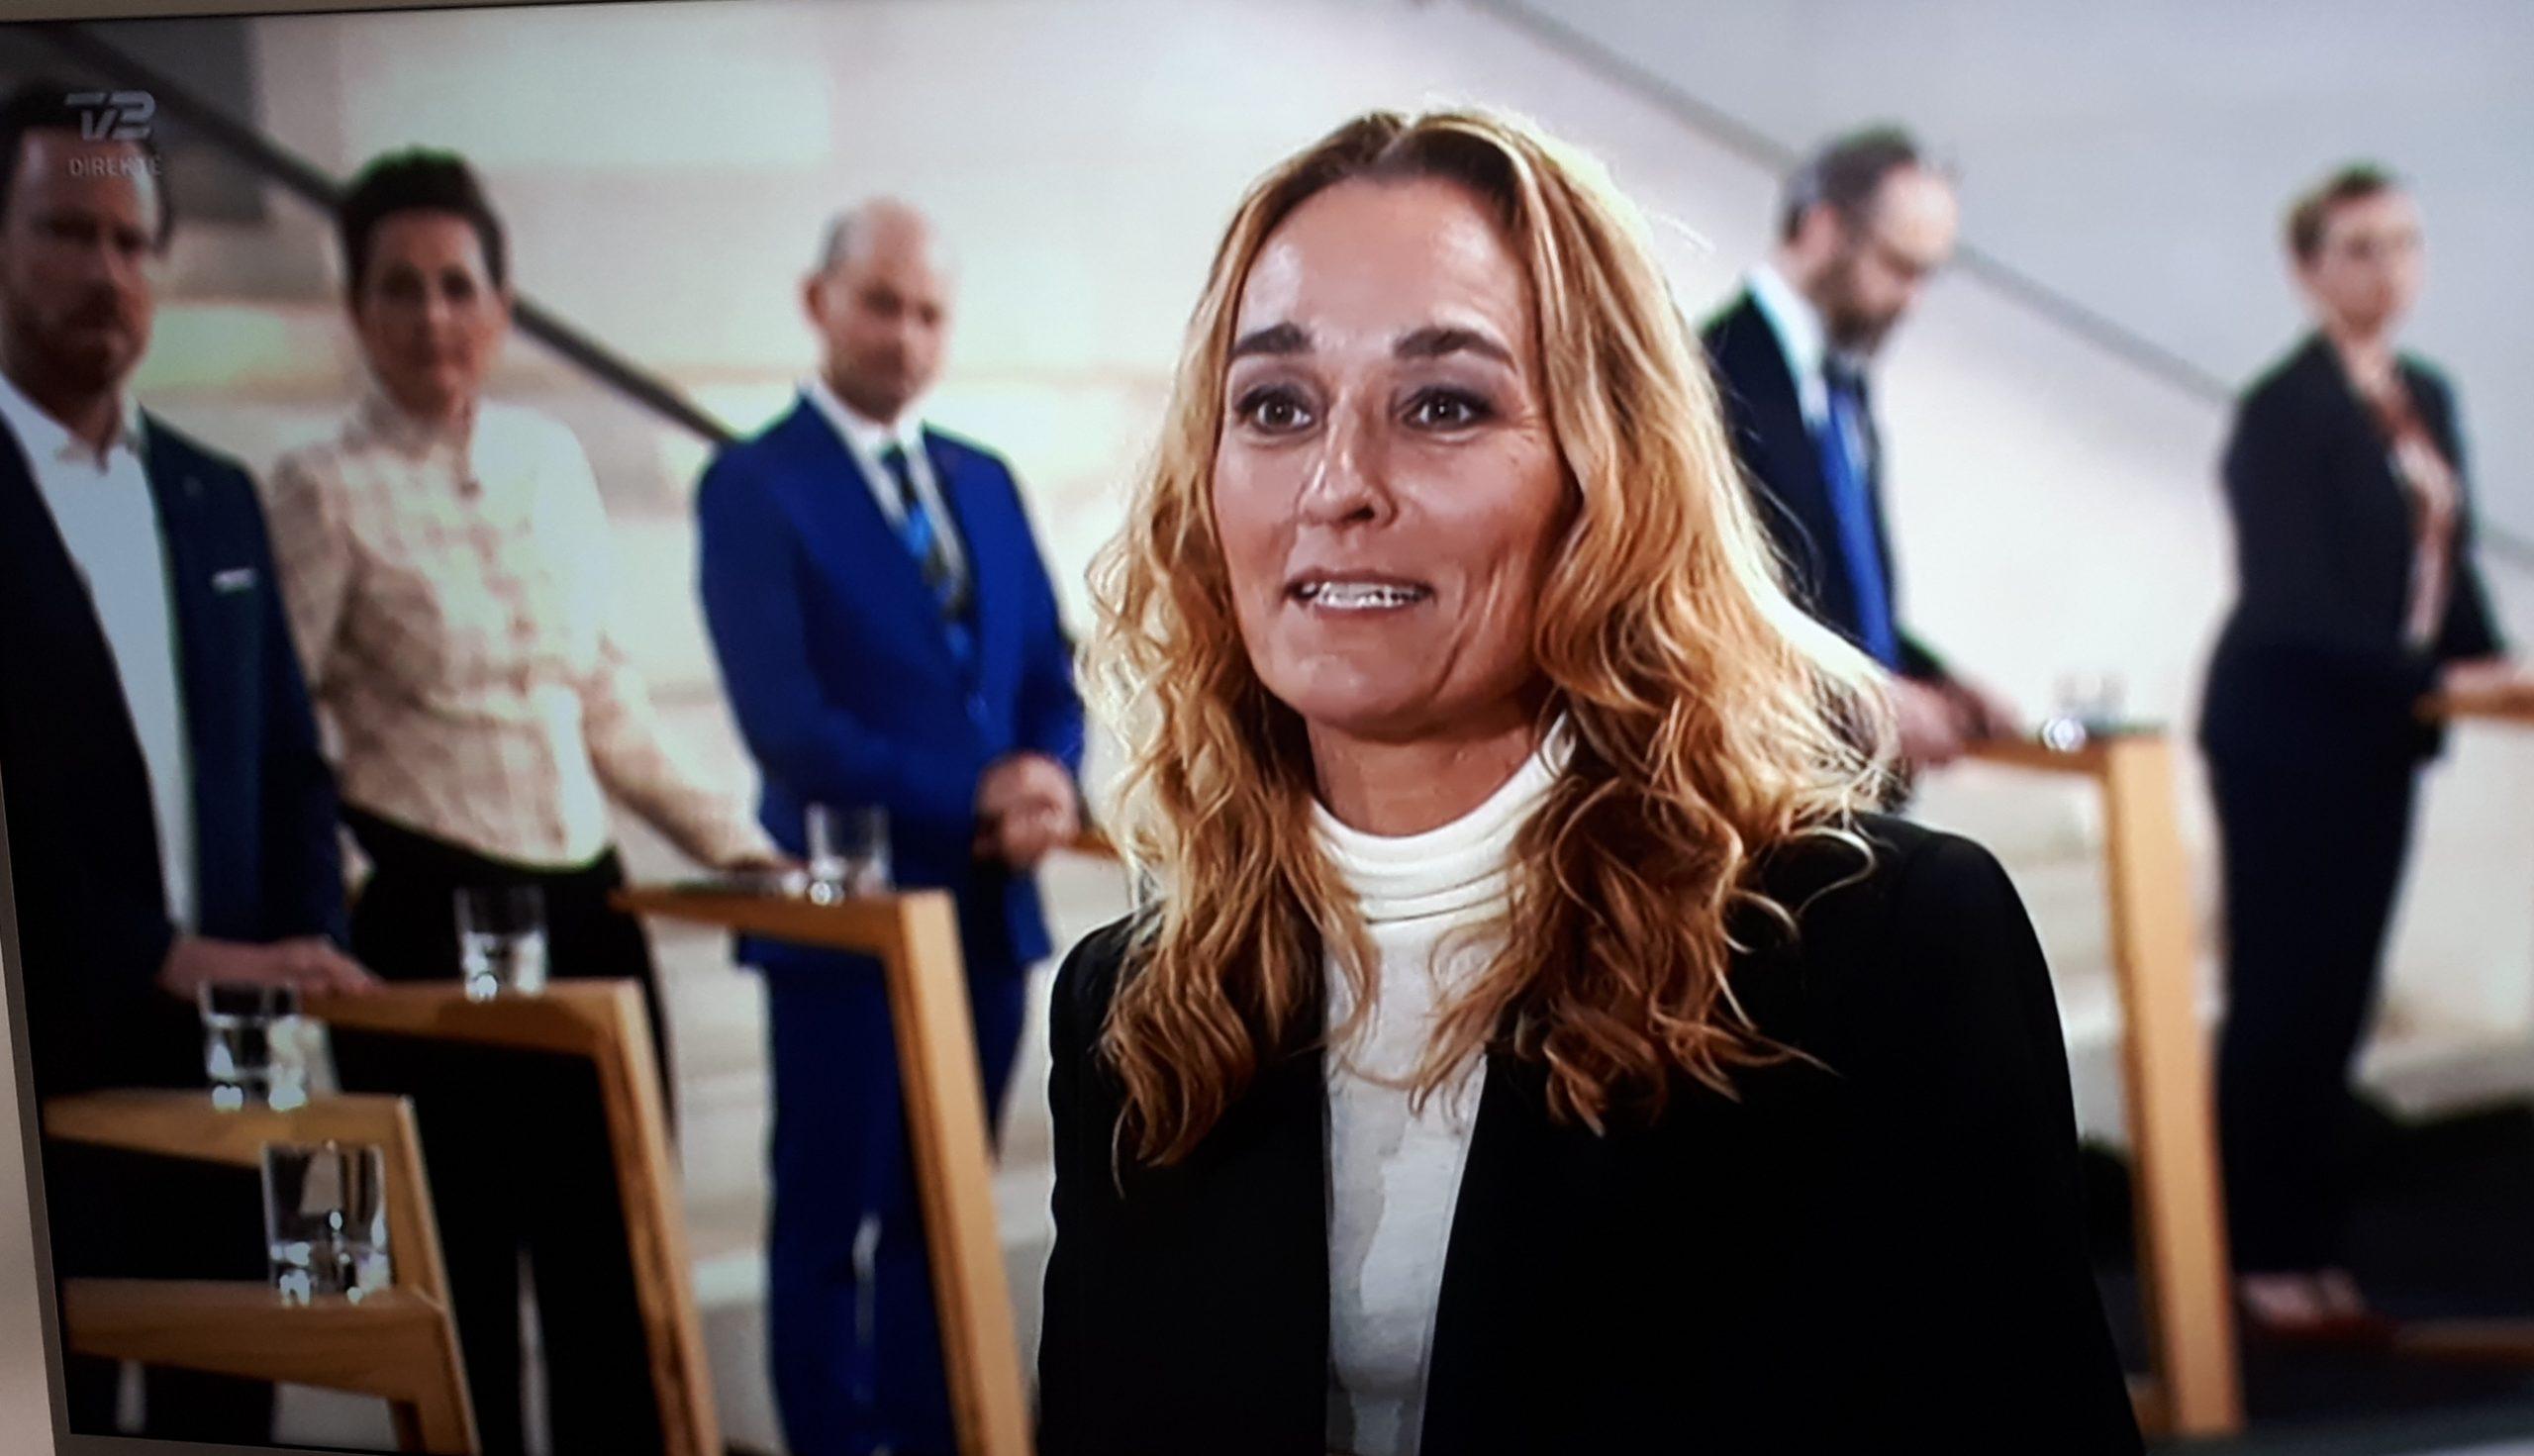 Sandra Plesner Weinert fra Guldsmeden Hotels er onsdag indbudt til at være med i paneldebat under Dansk Erhvervs årsdag. I marts i år repræsenterede hun sin del af erhvervslivet ved en partilederdebat på TV 2. Arkivfoto.